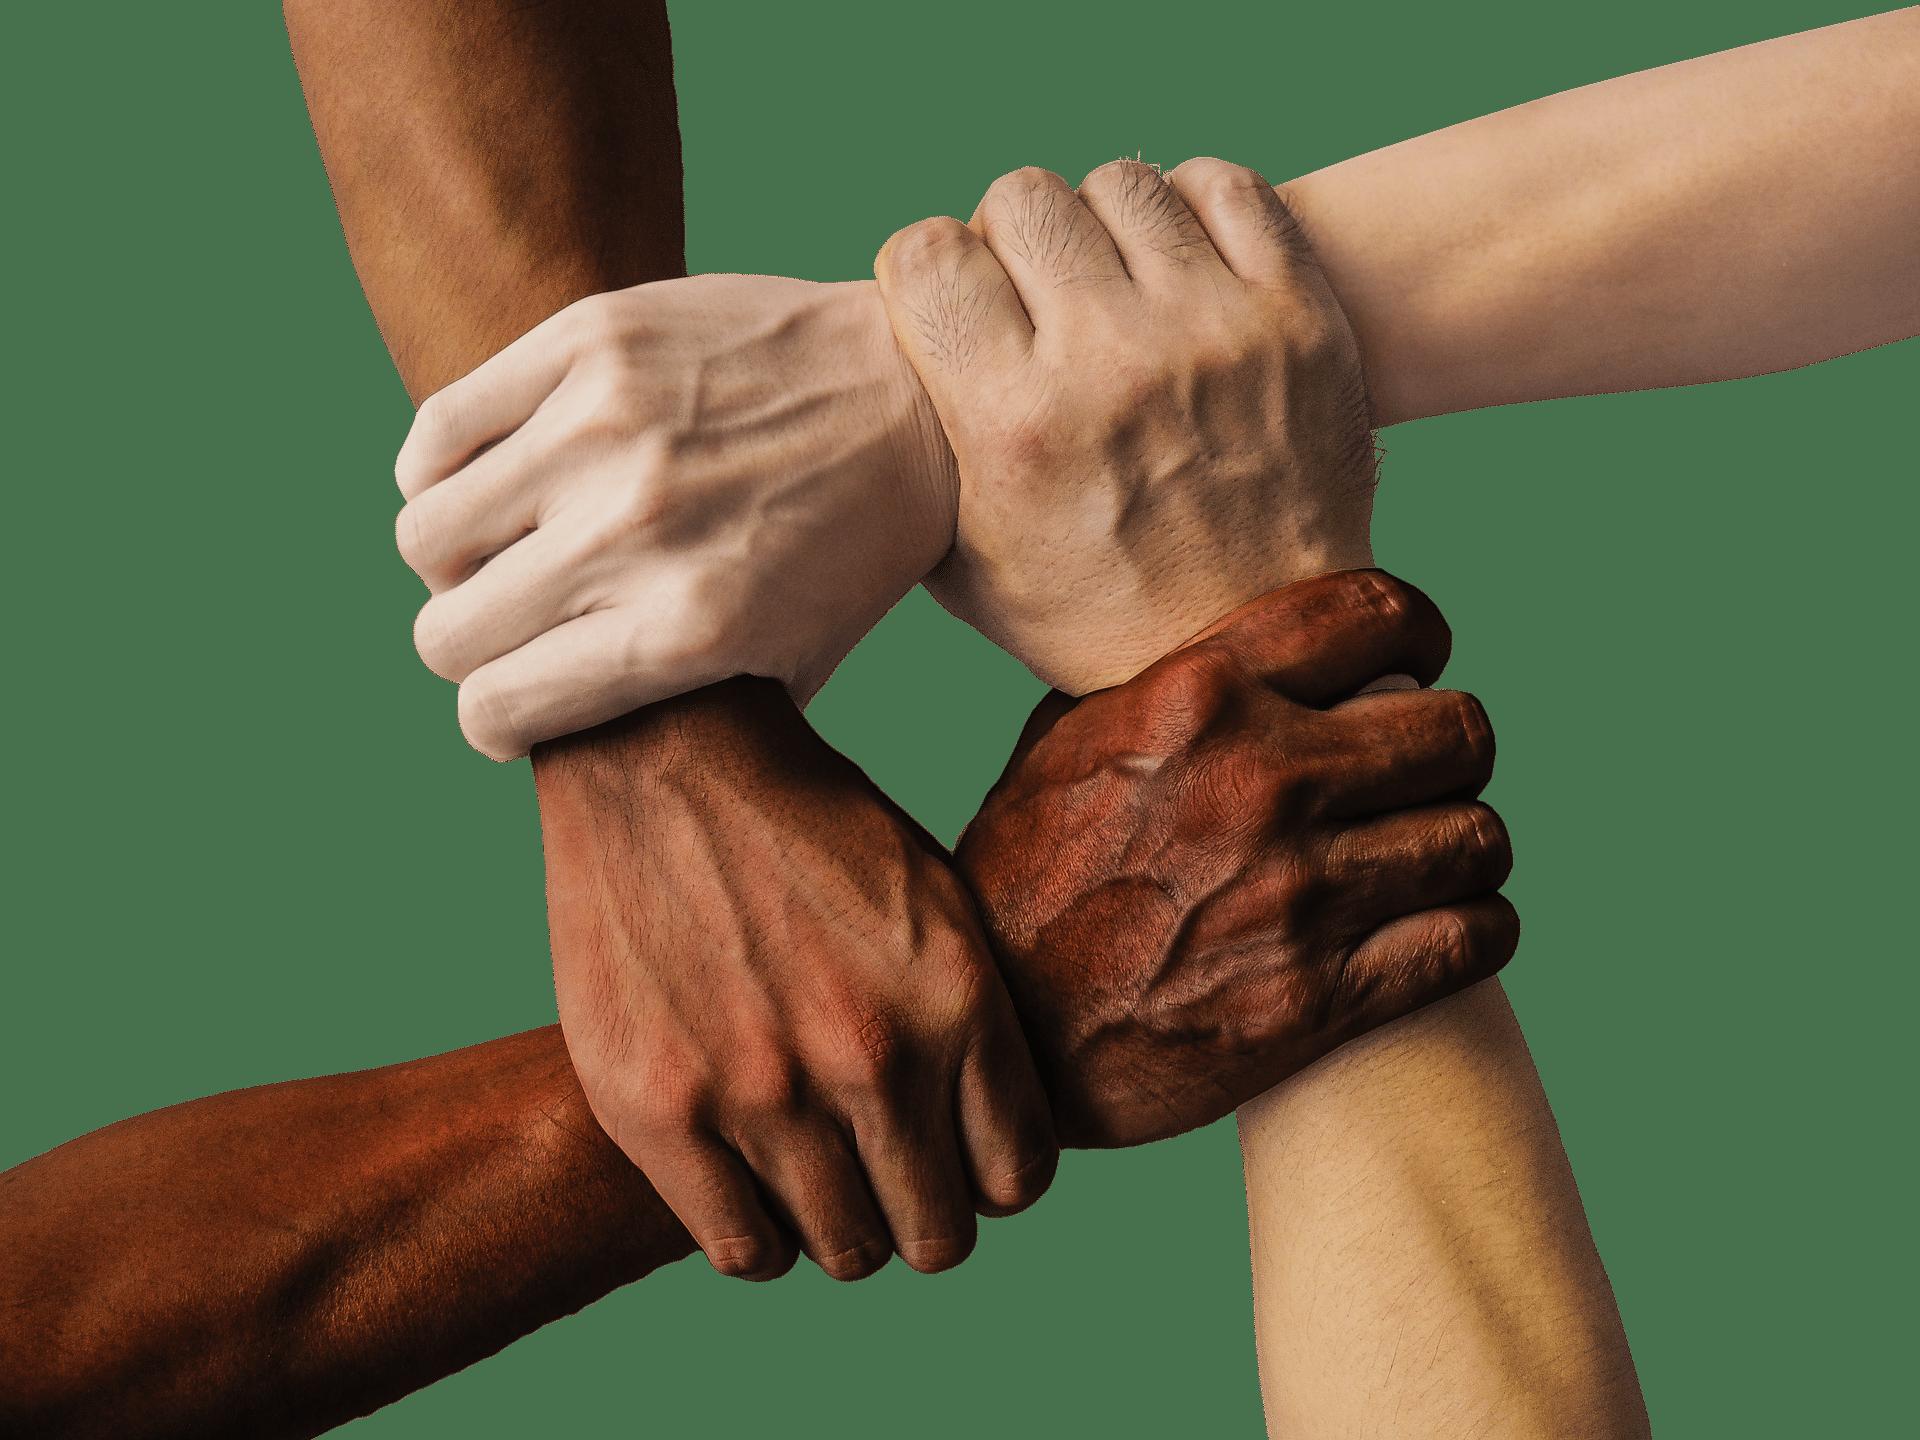 תרומה לקהילה